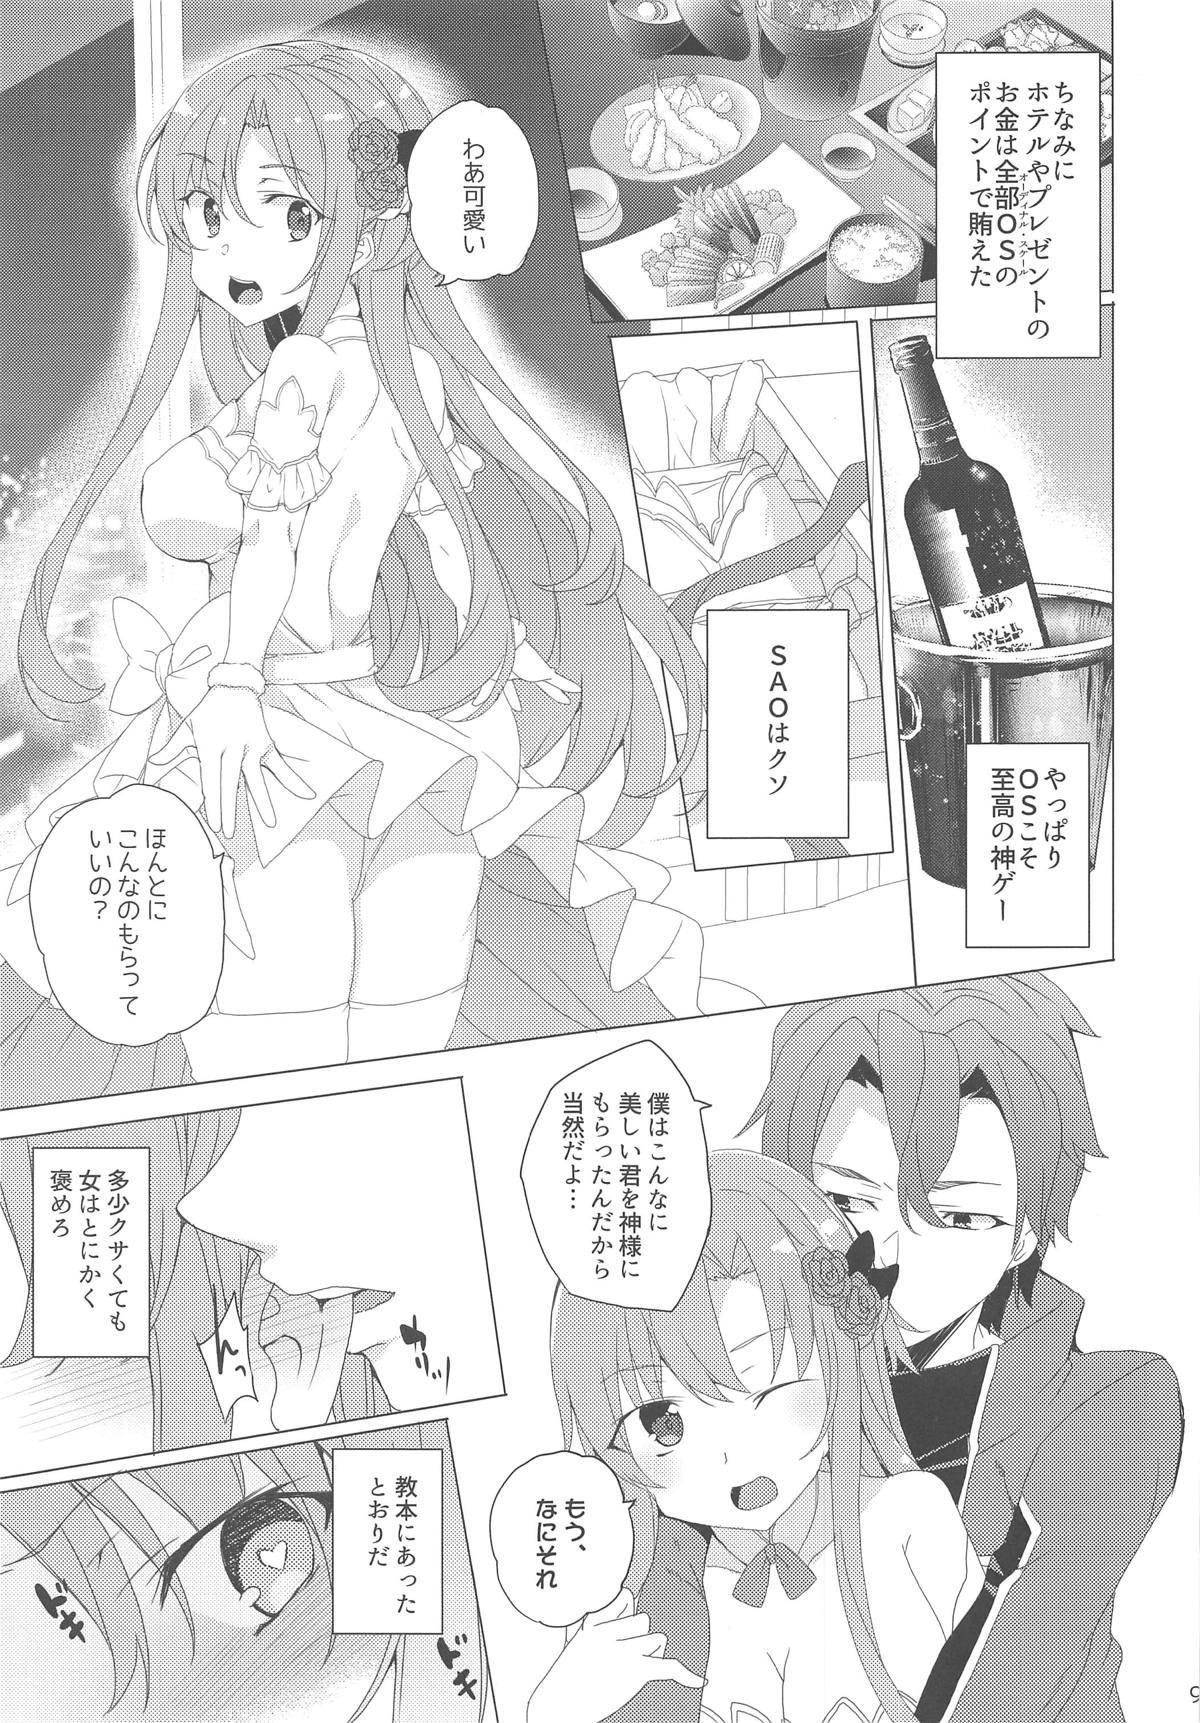 Asuna-san o Ordinal Scale de Sennou Shi Koibito Doushi ni Natta Otoko Yatsu no Na wa EIJI 7